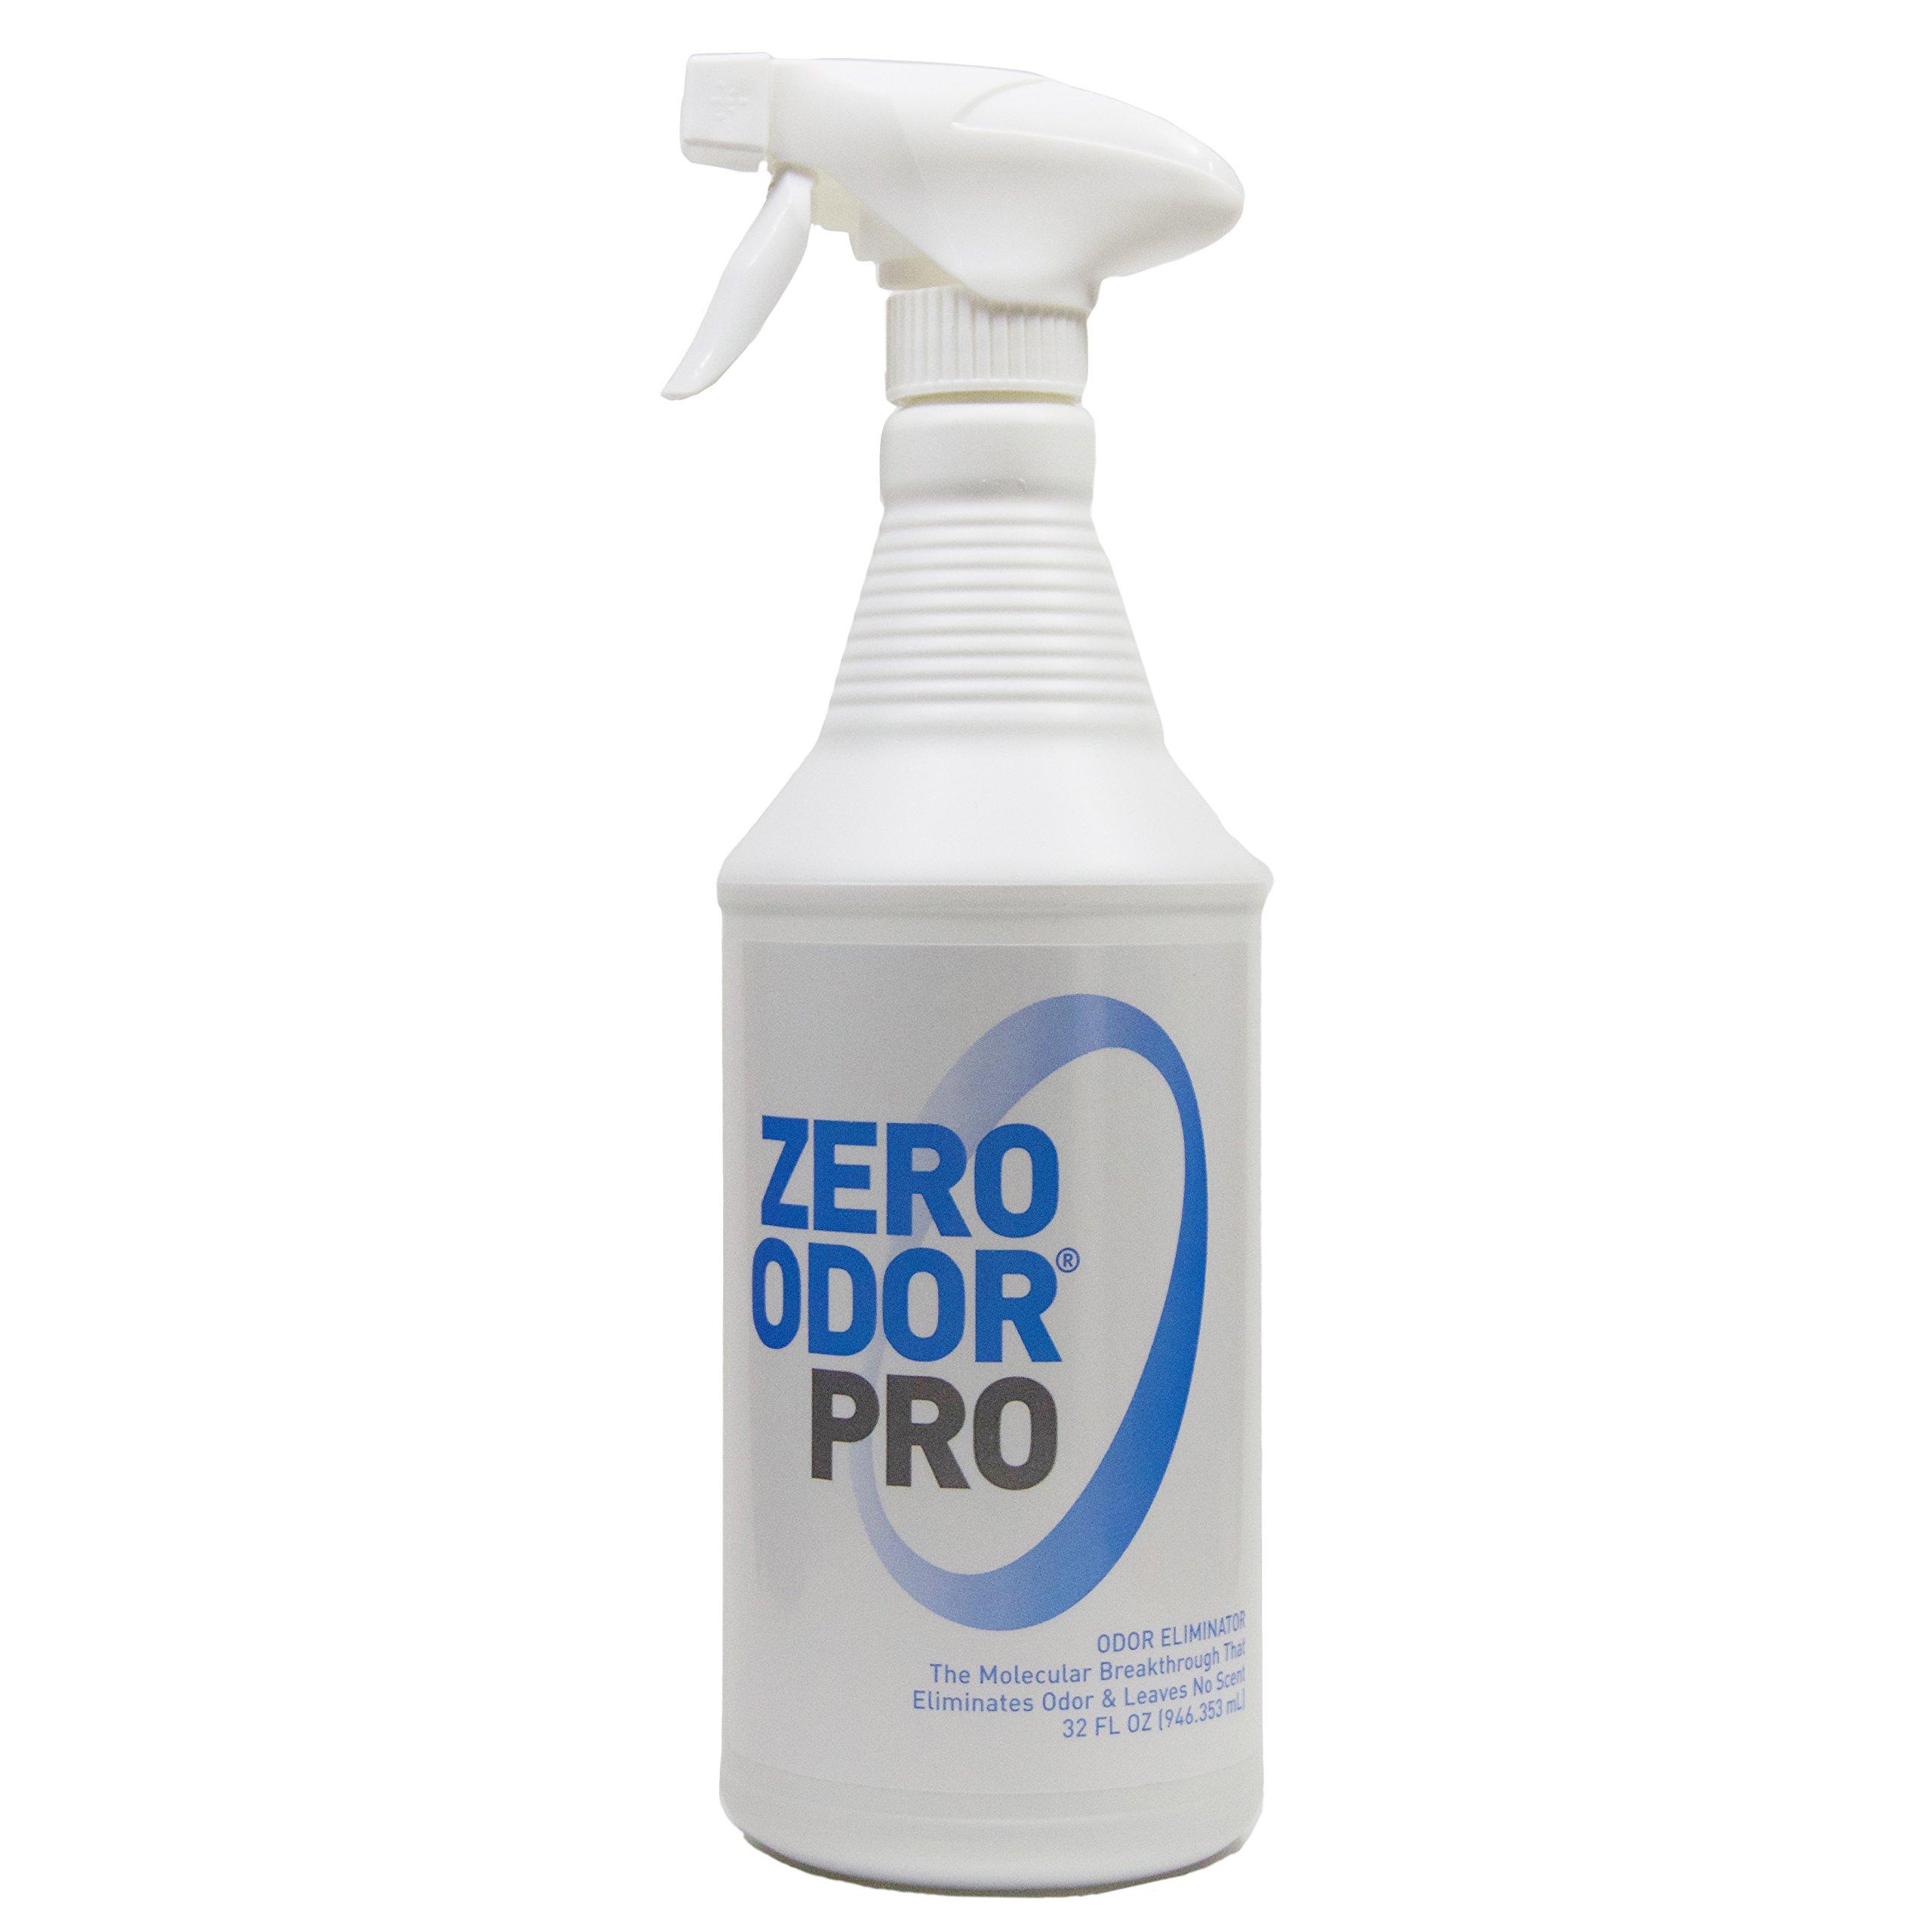 Zero Odor Pro - Commercial Strength - Odor Eliminator, Trigger Spray, 32-ounce